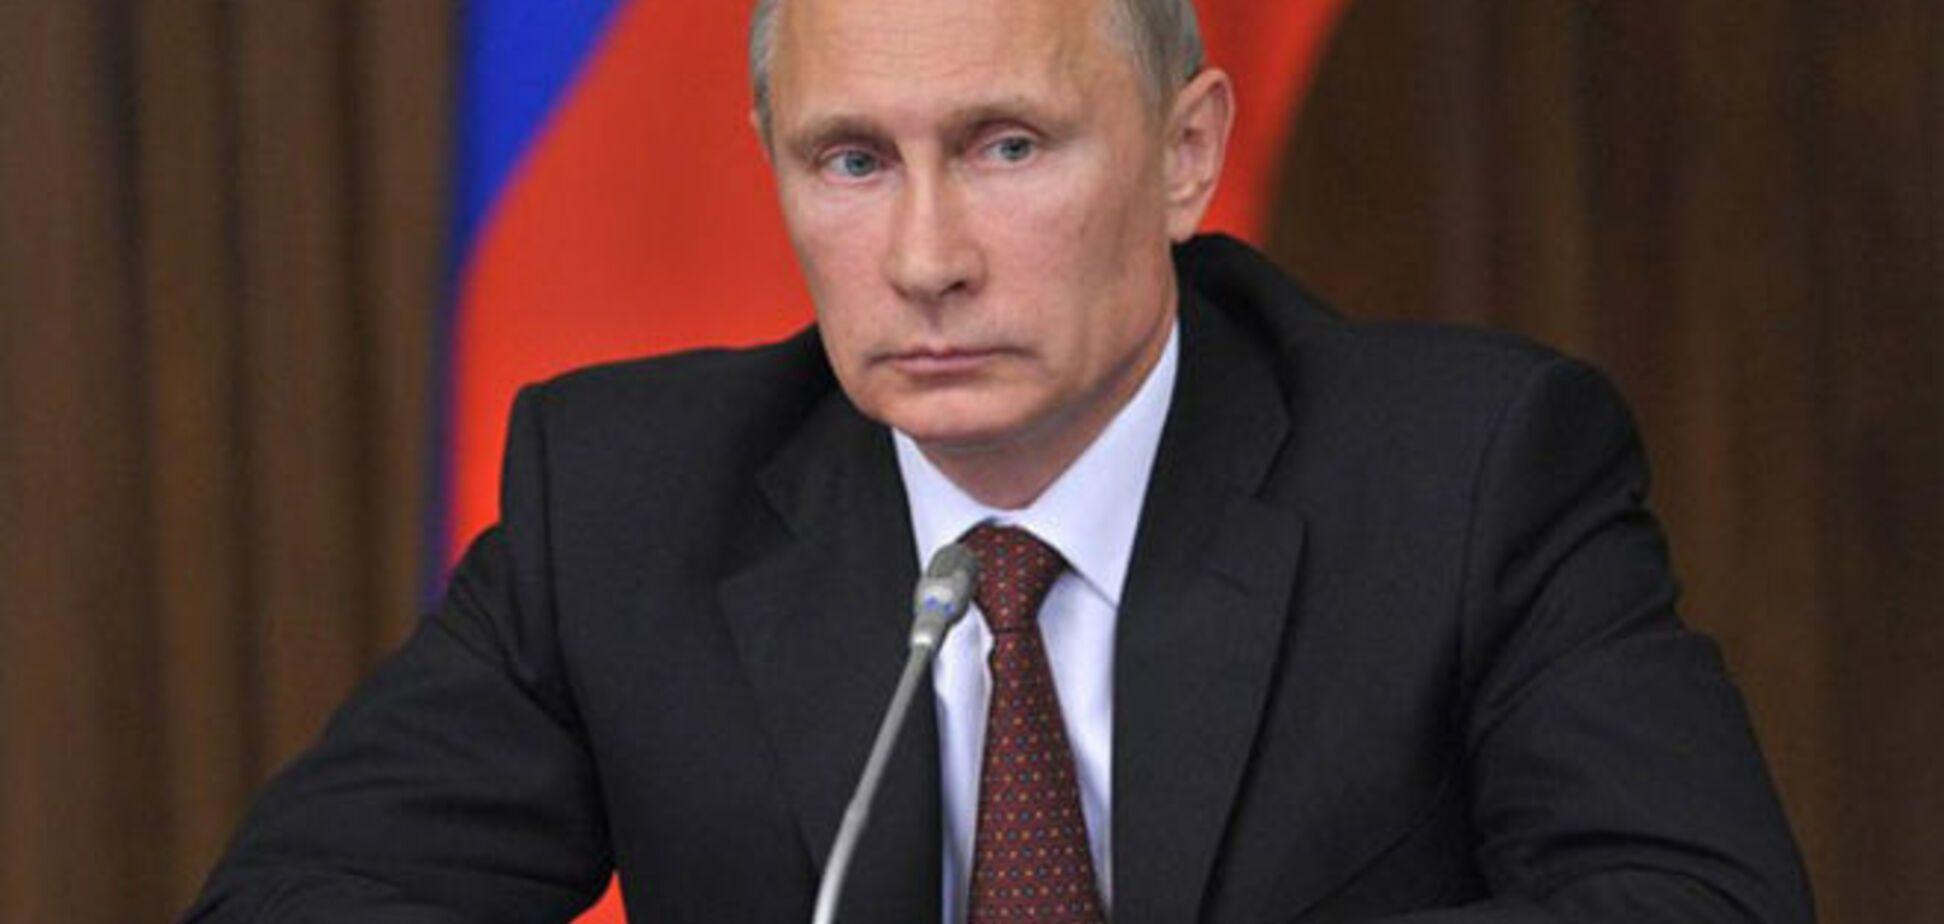 Удар по Путину нужно нанести тихо, но насмерть – Спиваковский